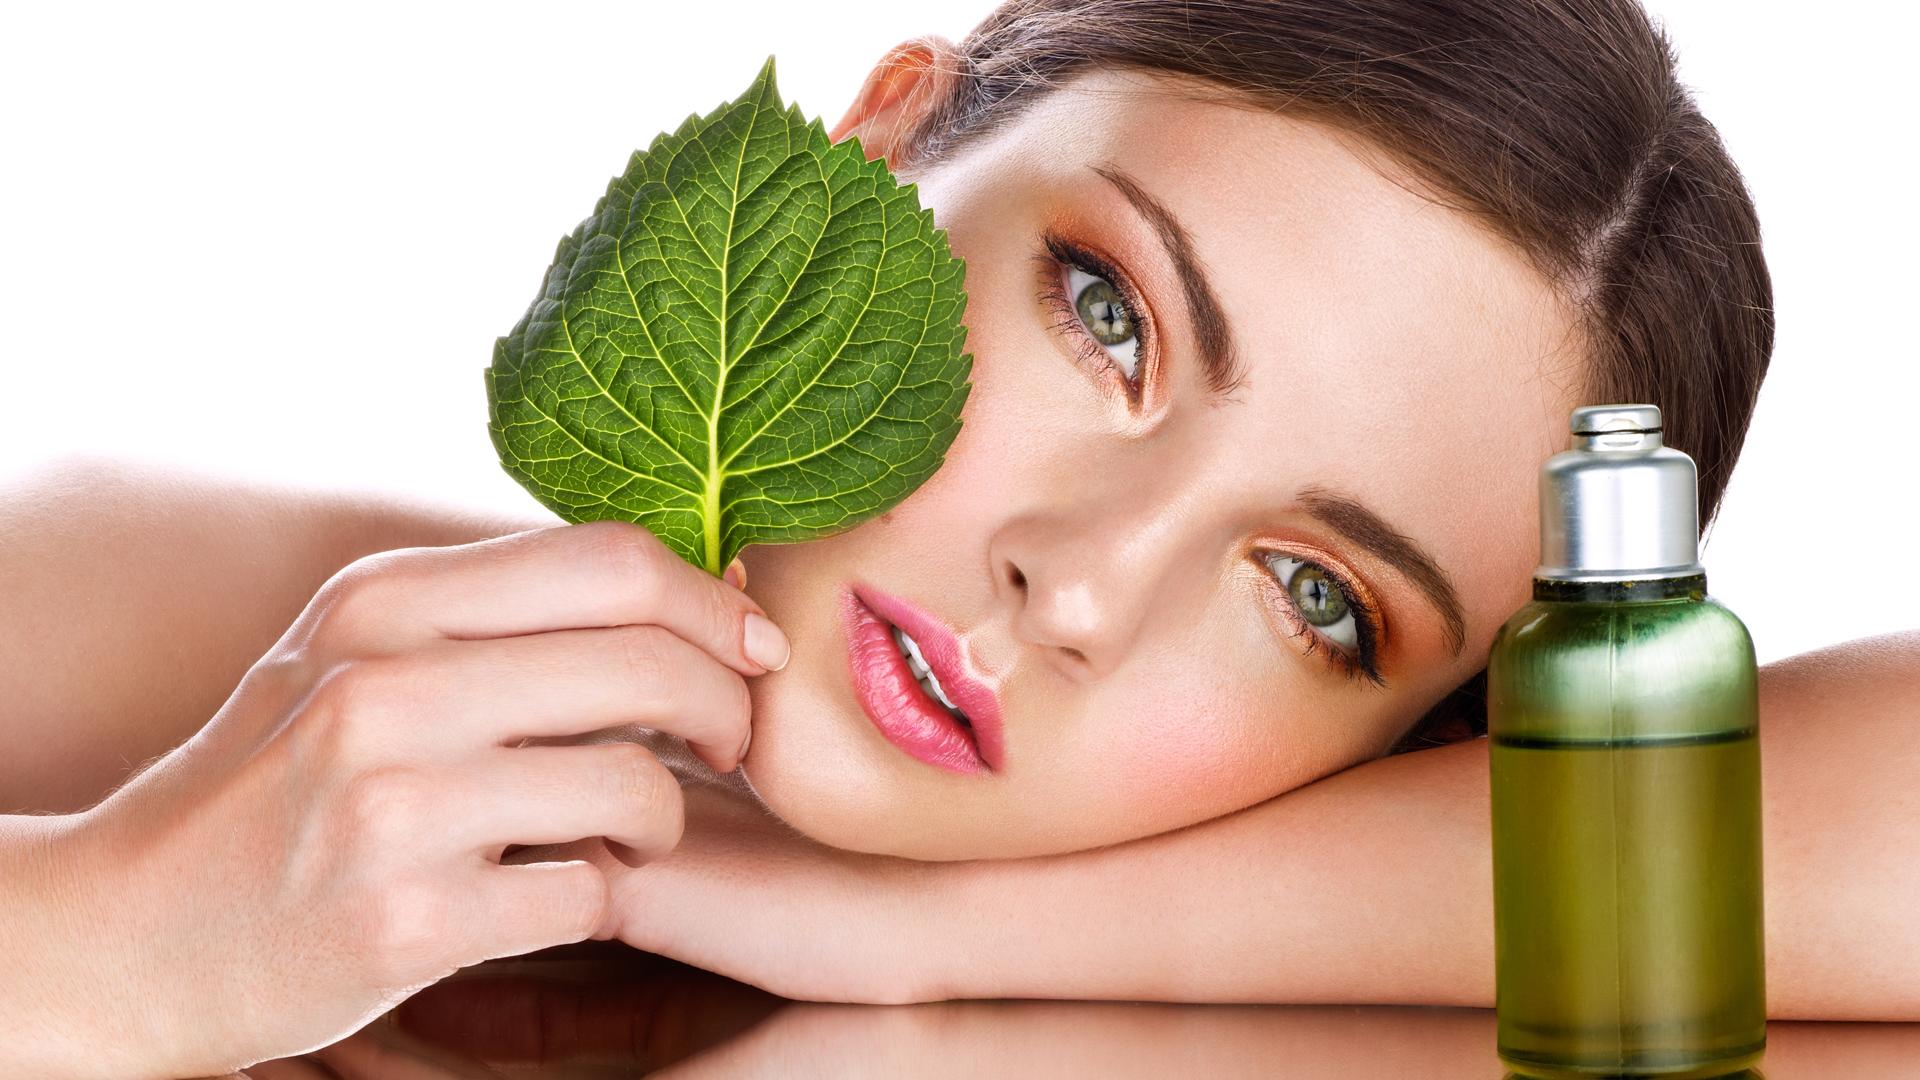 La cosmética natural vive un auténtico boom, cada vez hay más marcas que ofrecen productos con ingredientes naturales, respetuosos con la piel y el medio ambiente.